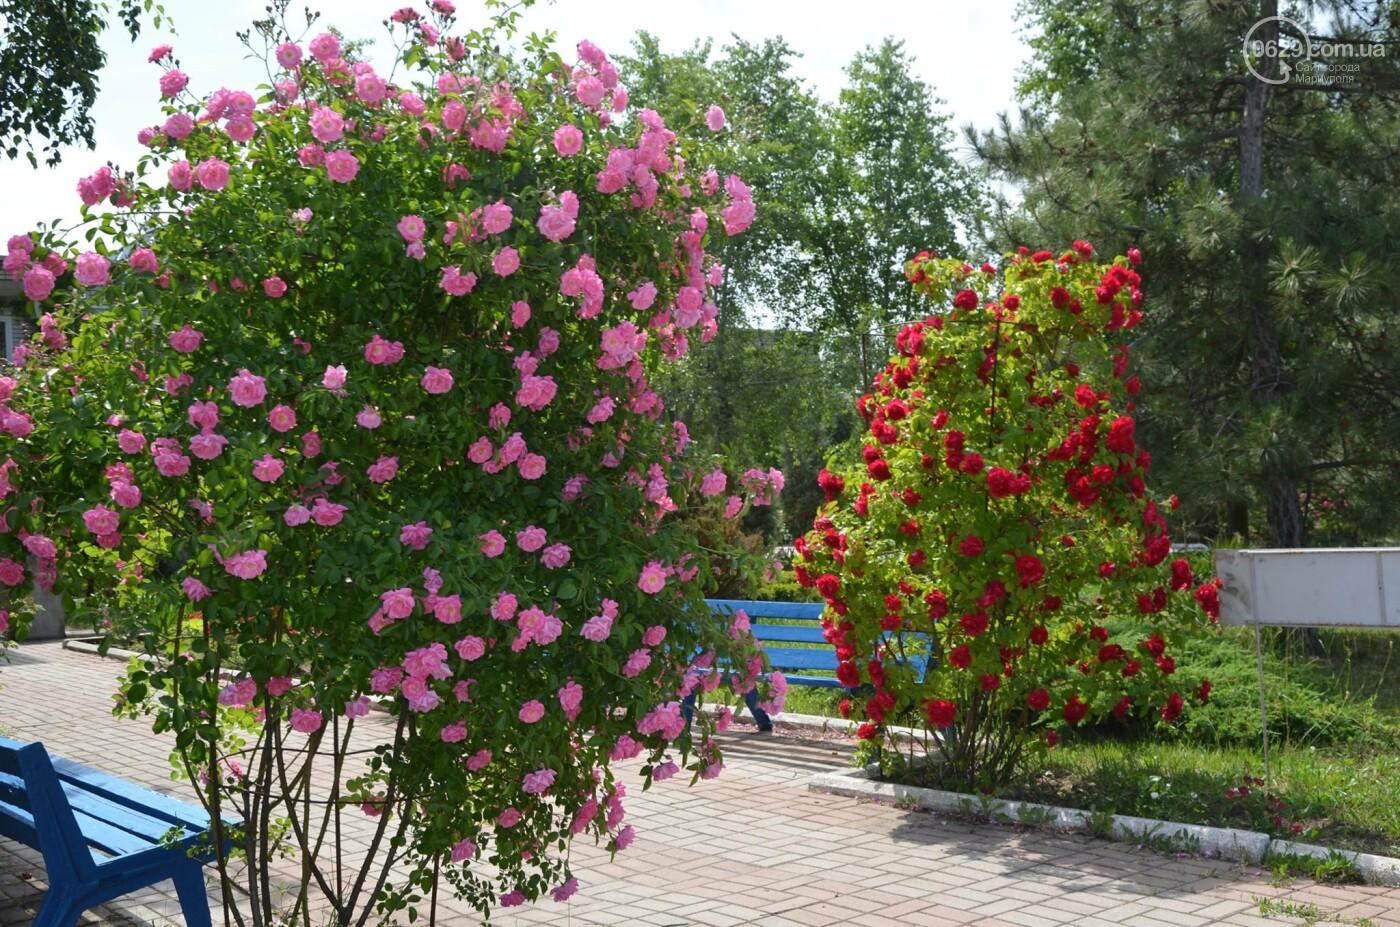 База «Троянда» корпус №5 в Мелекино - комфортный отдых у самого моря!, фото-5